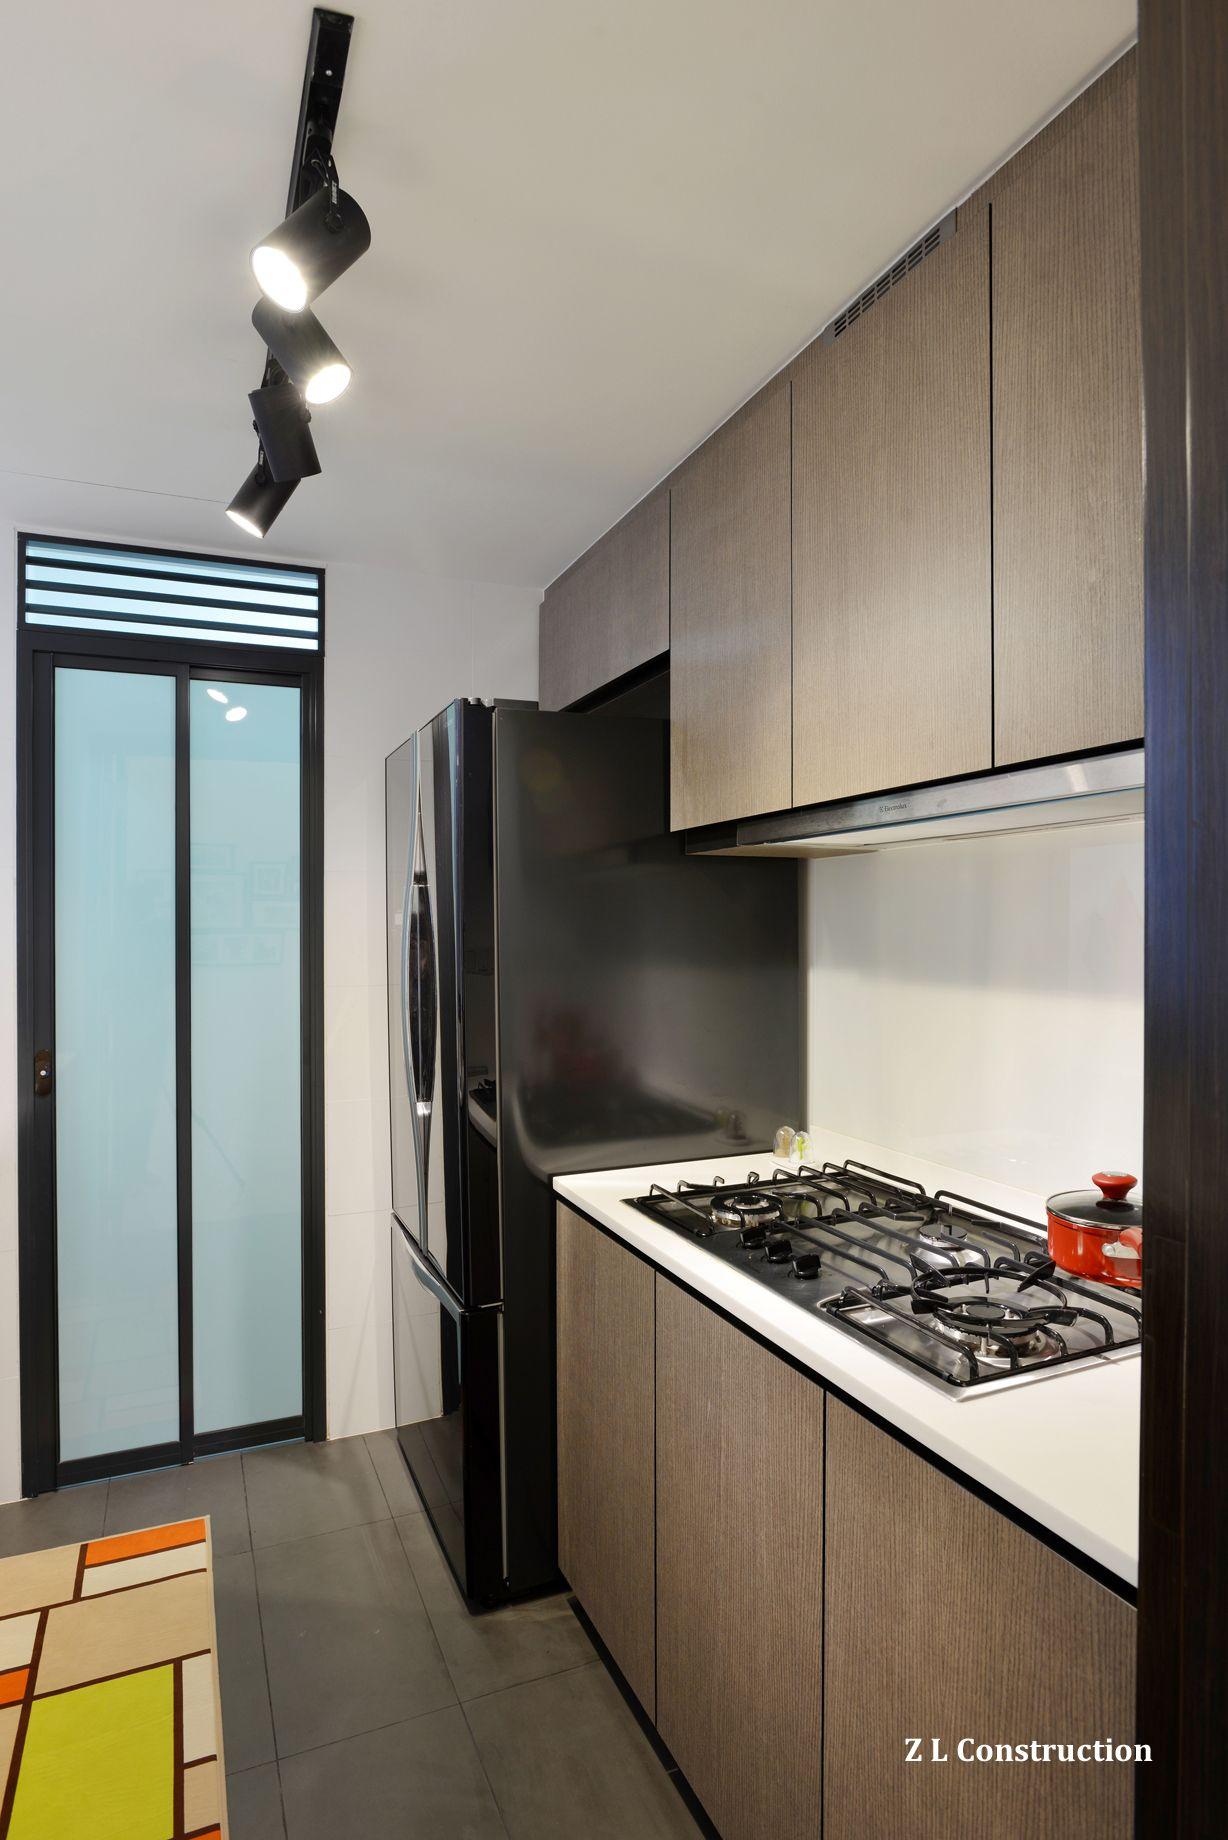 Z L Construction Singapore A Handsome Kitchen With Dark Wood Laminates Kitchen Design Countertops Kitchen Cabinets Design Layout Laminate Kitchen